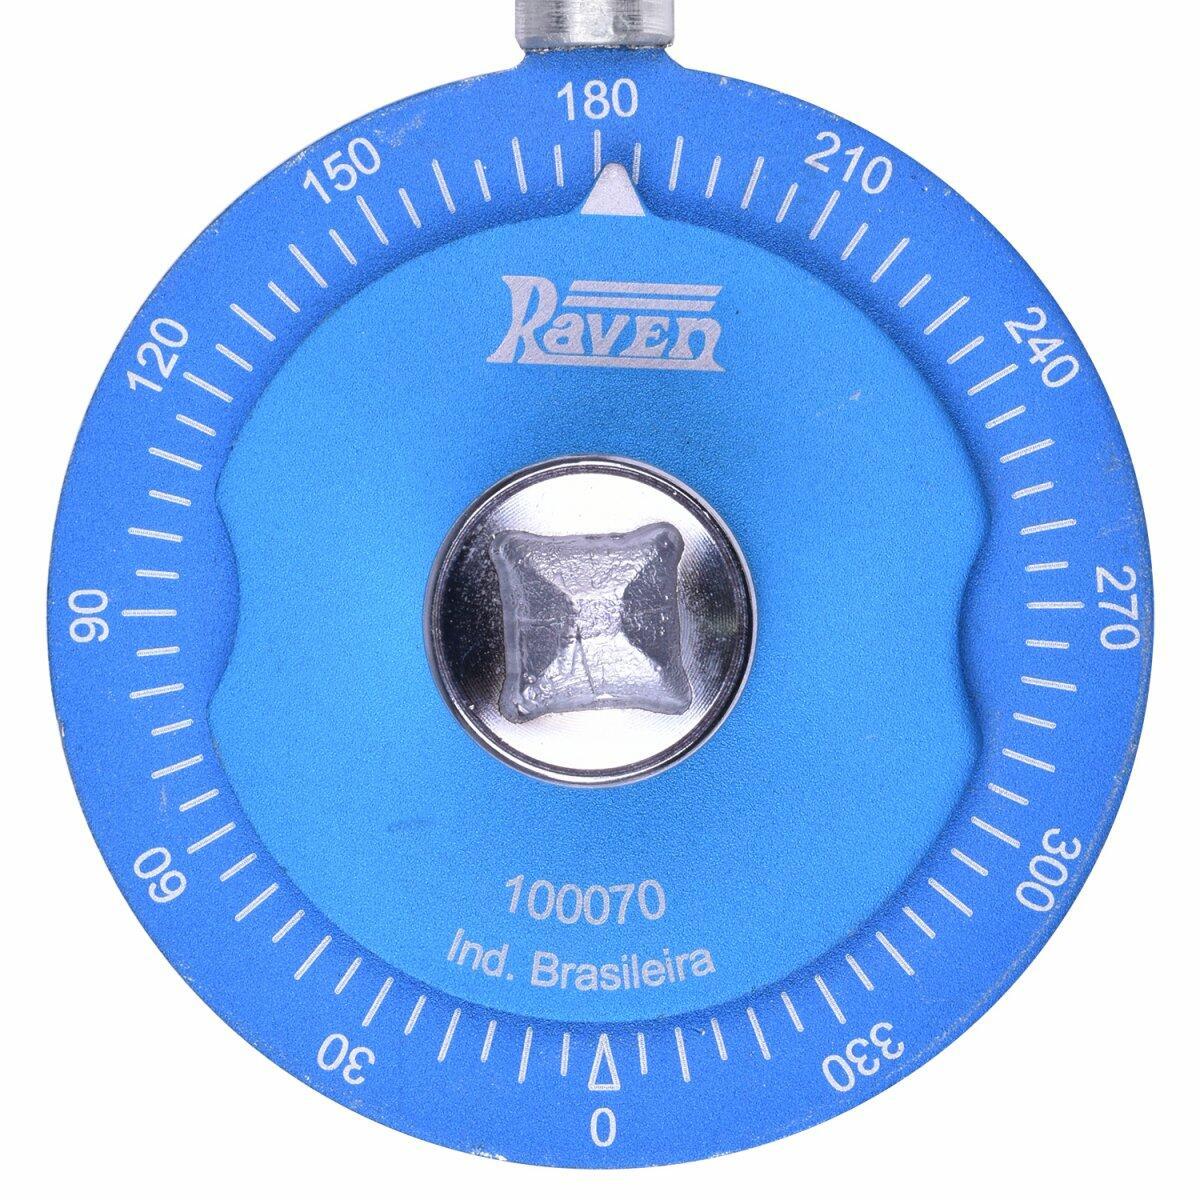 Transferidor Com 360° Encaixe Quadrado 1/2 100070 Raven